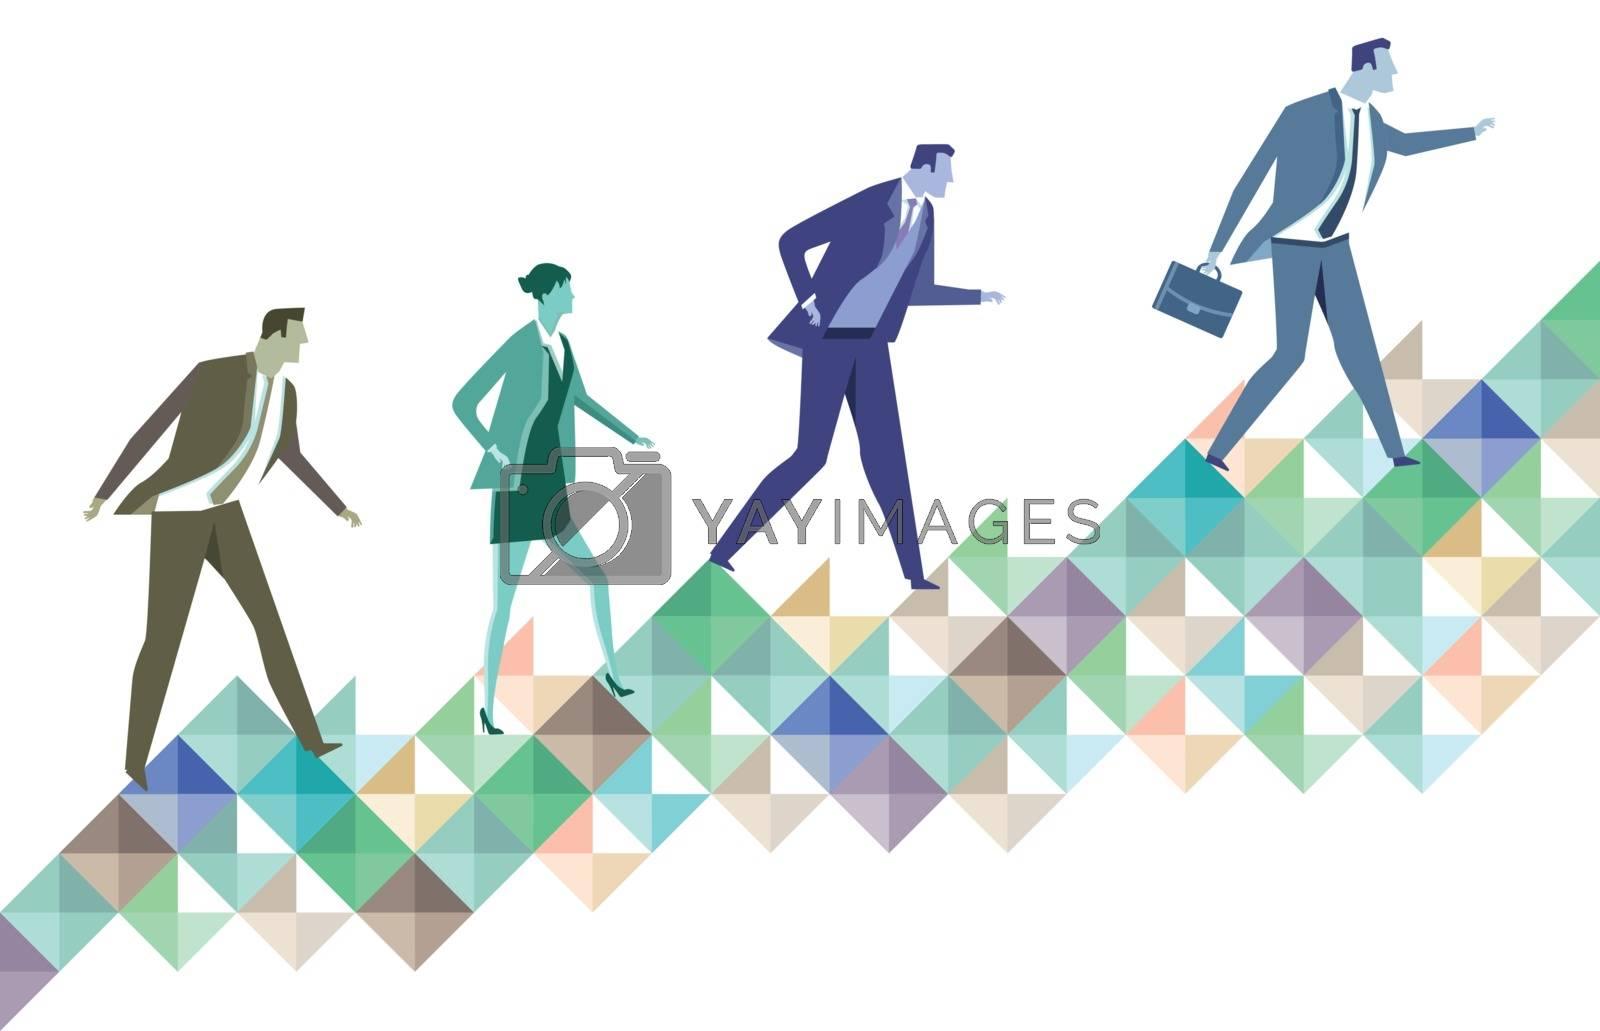 Career ladder, symbol illustration